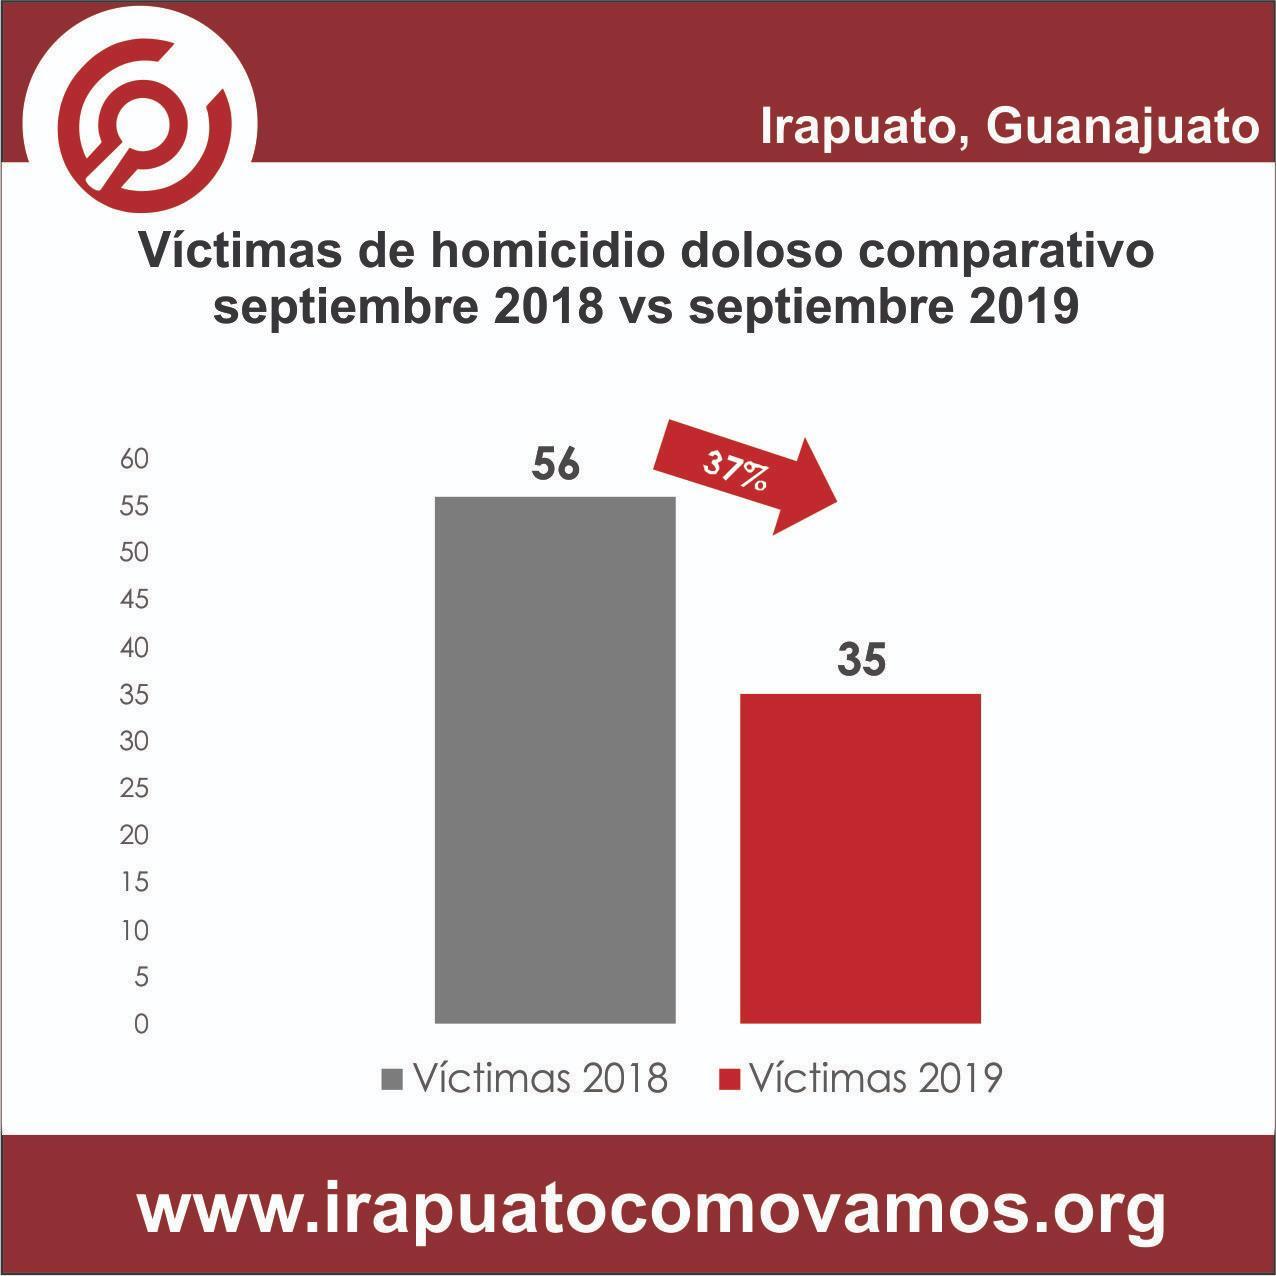 DISMINUYE NÚMERO DE HOMICIDIOS DOLOSOS EN IRAPUATO DURANTE SEPTIEMBRE CON 35 VÍCTIMAS 2